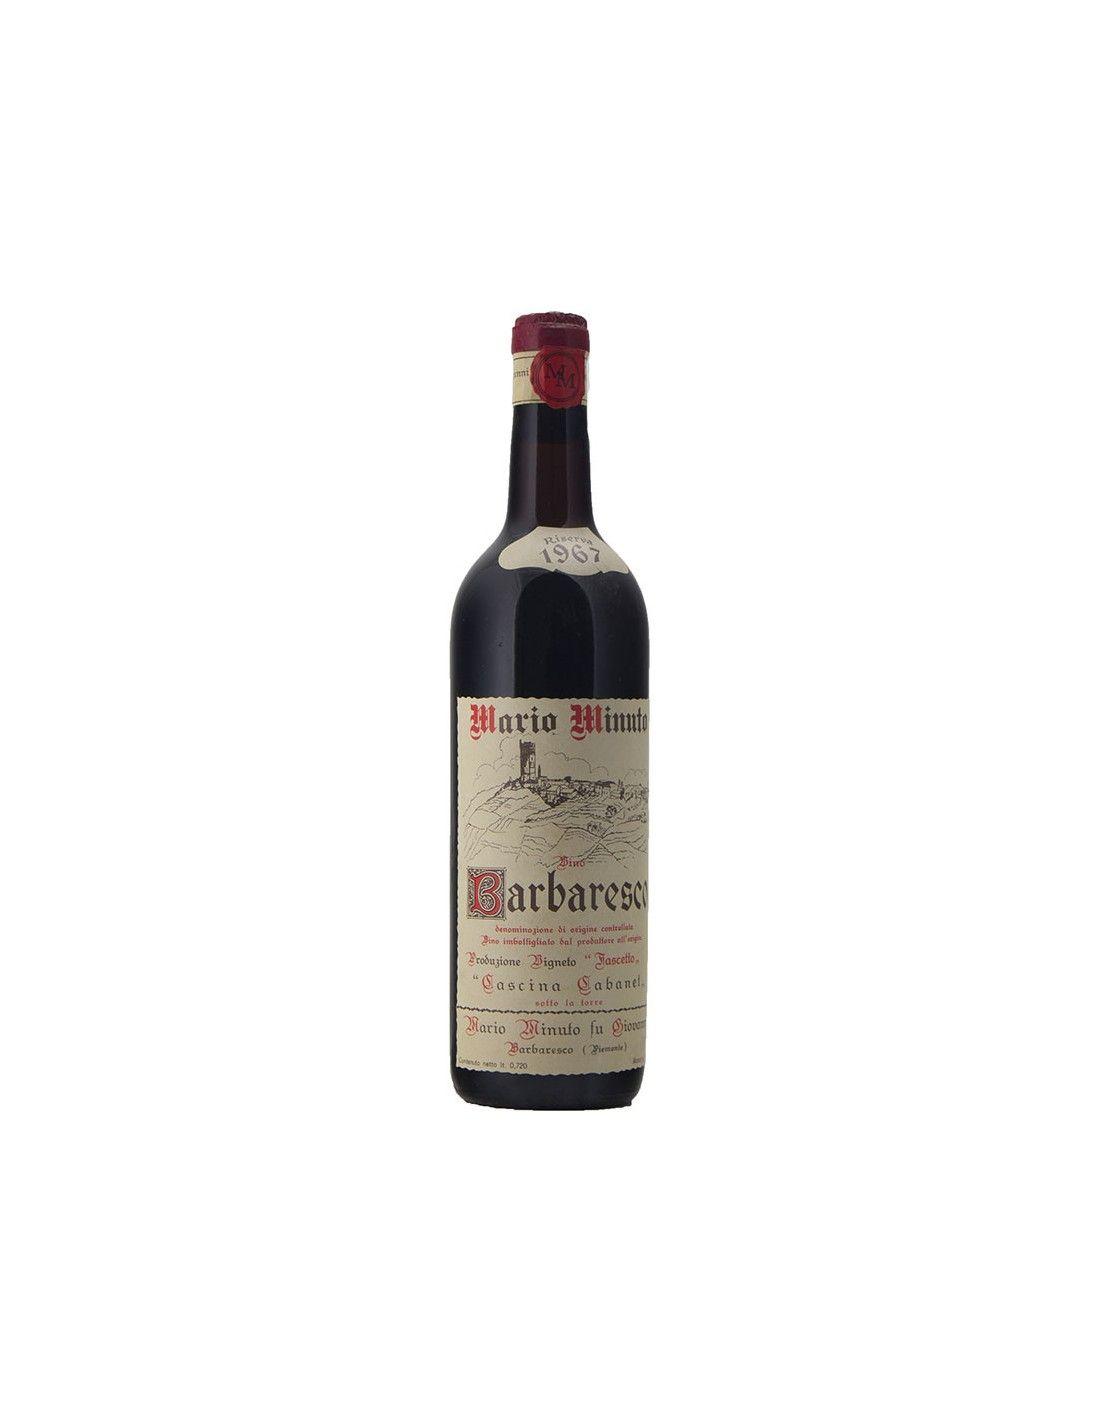 BARBARESCO RISERVA 1967 MARIO MINUTO FU GIOVANNI Grandi Bottiglie